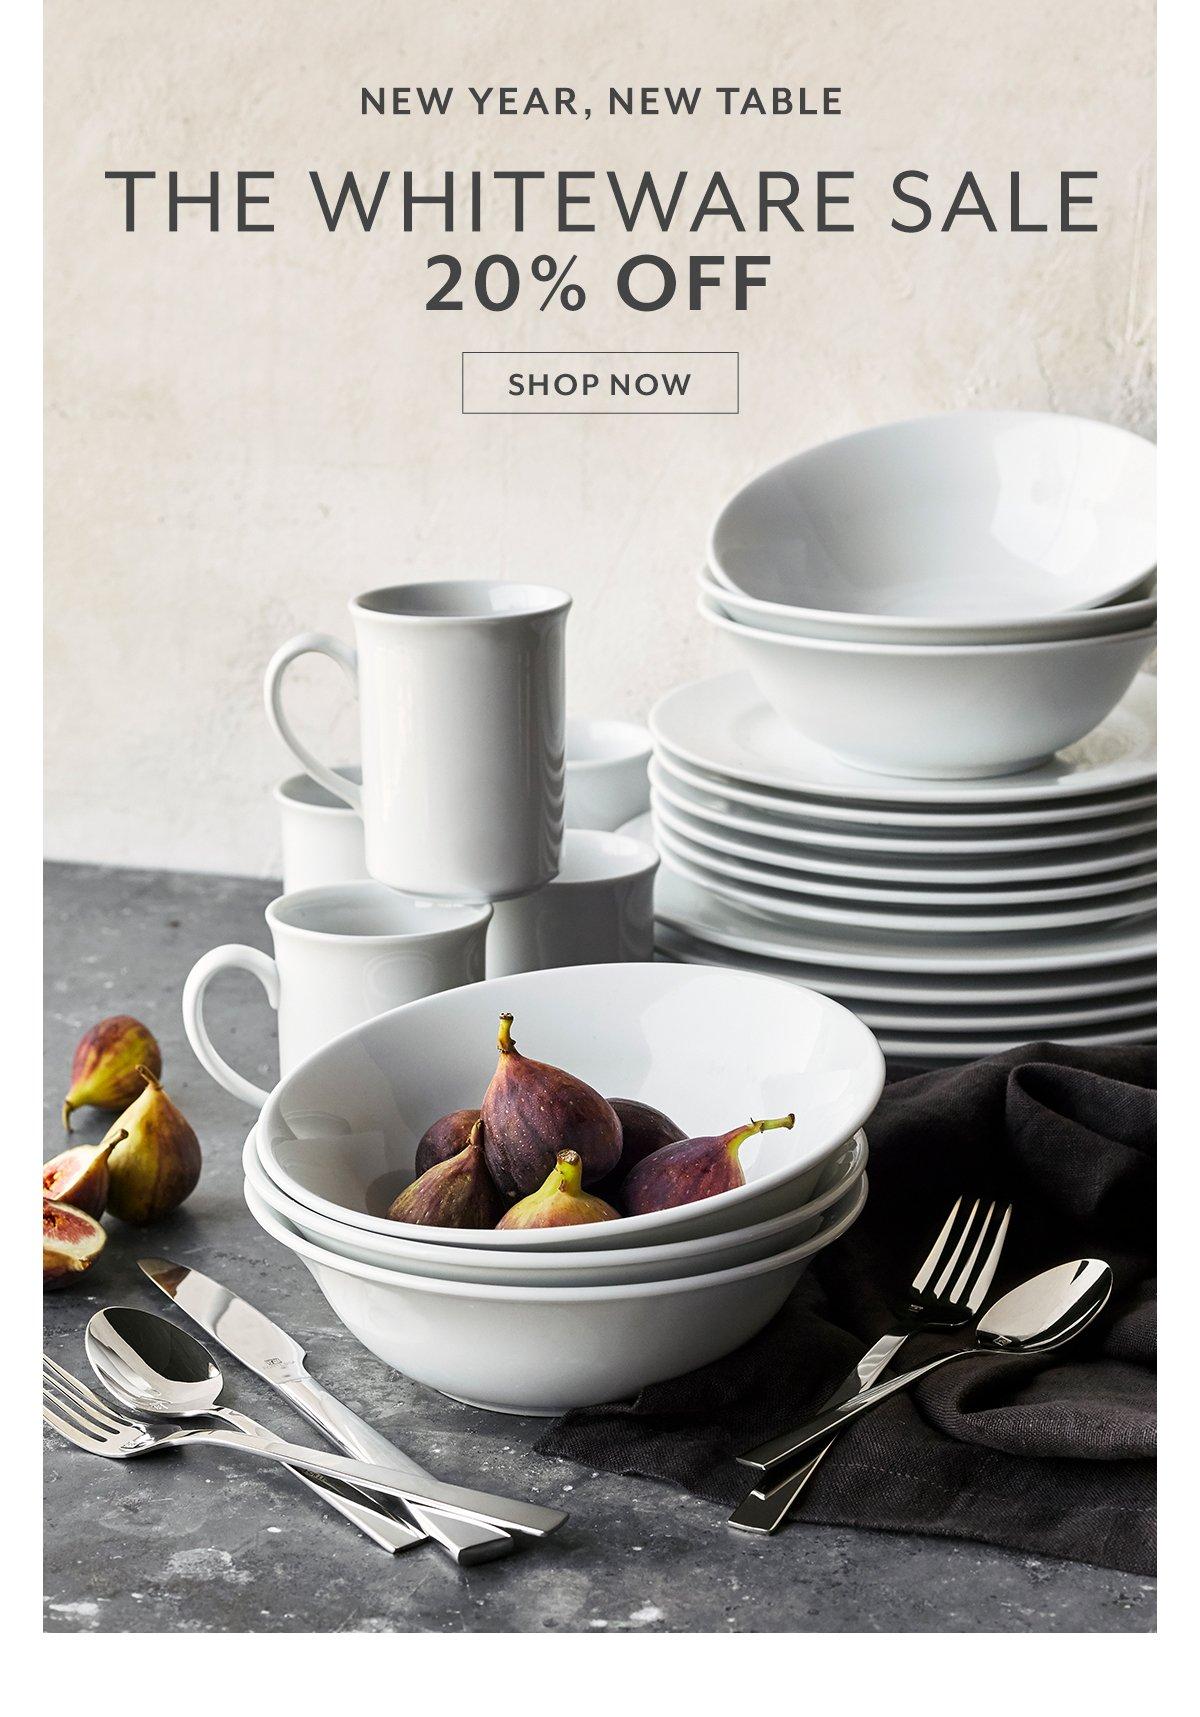 Whiteware Sale